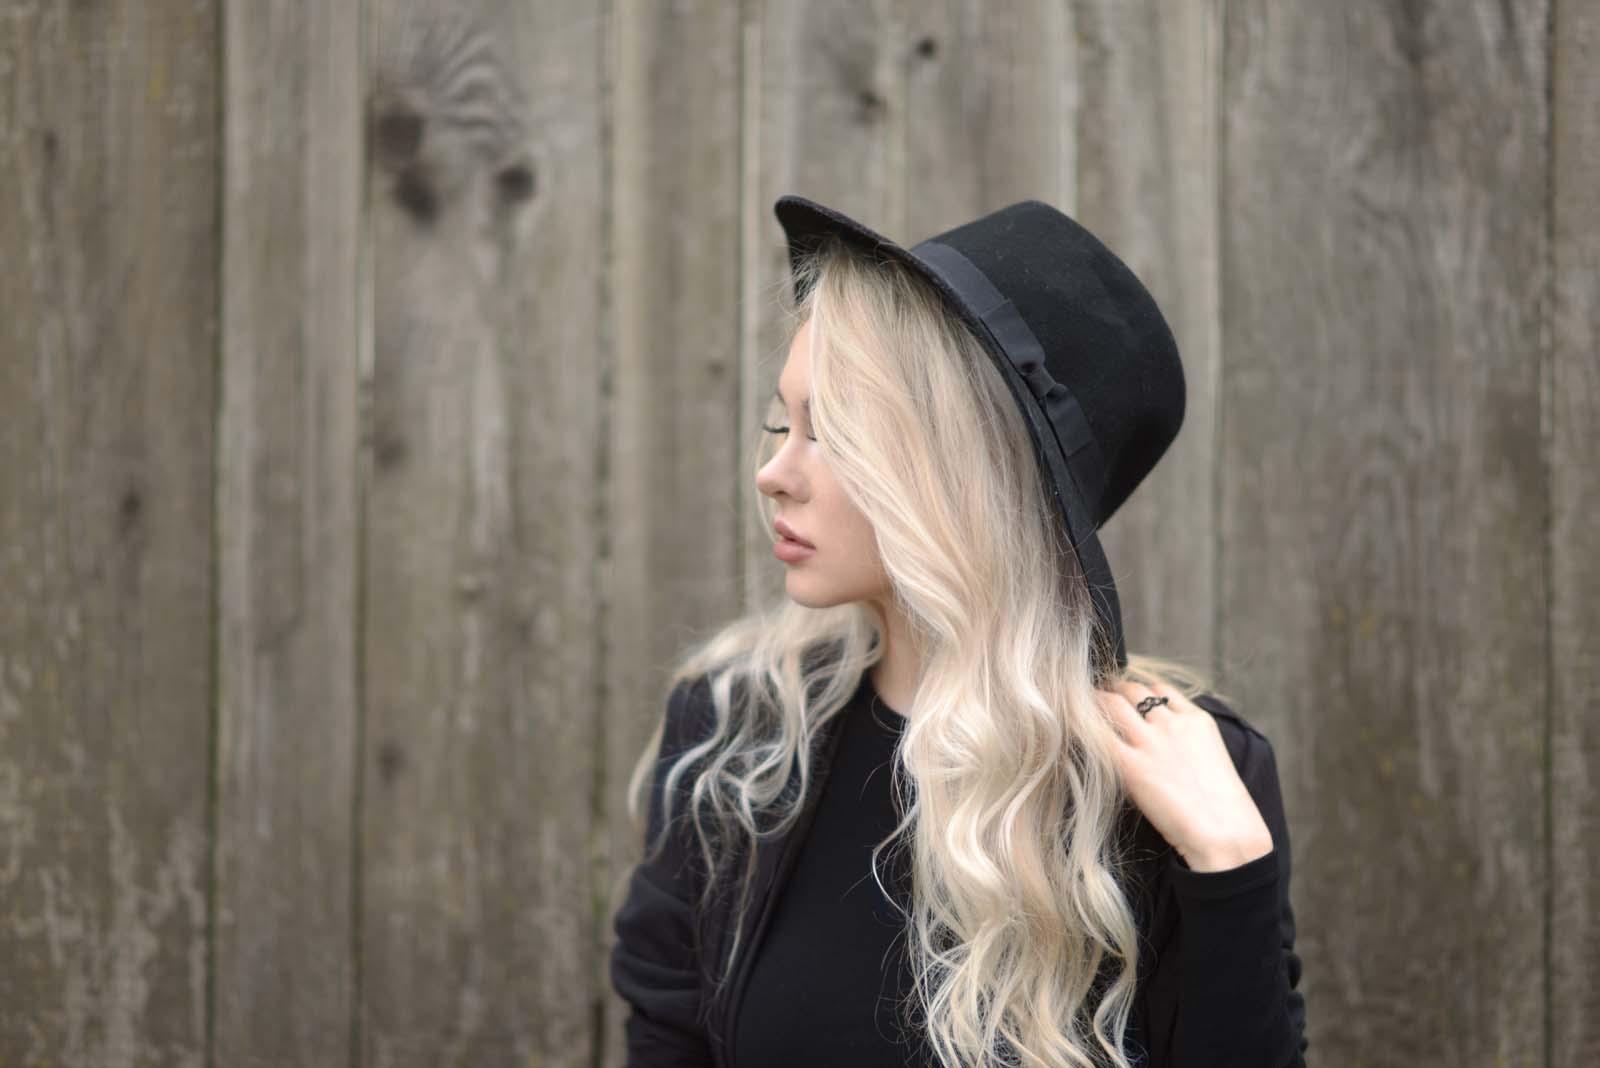 09_vintage_pattern_skirt_black_hat_pompon